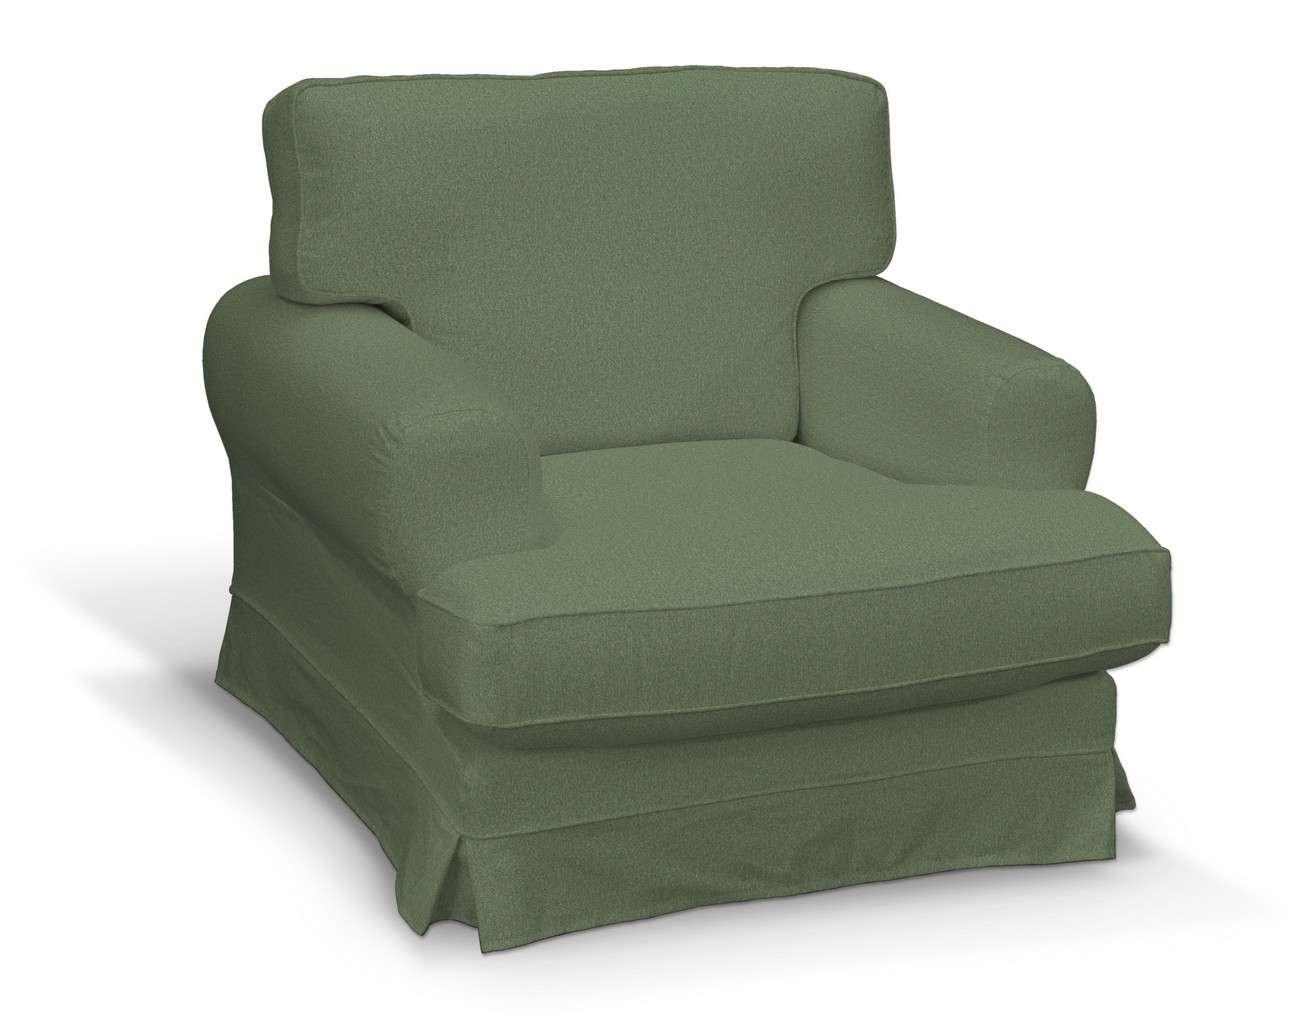 Pokrowiec na fotel Ekeskog w kolekcji Amsterdam, tkanina: 704-44